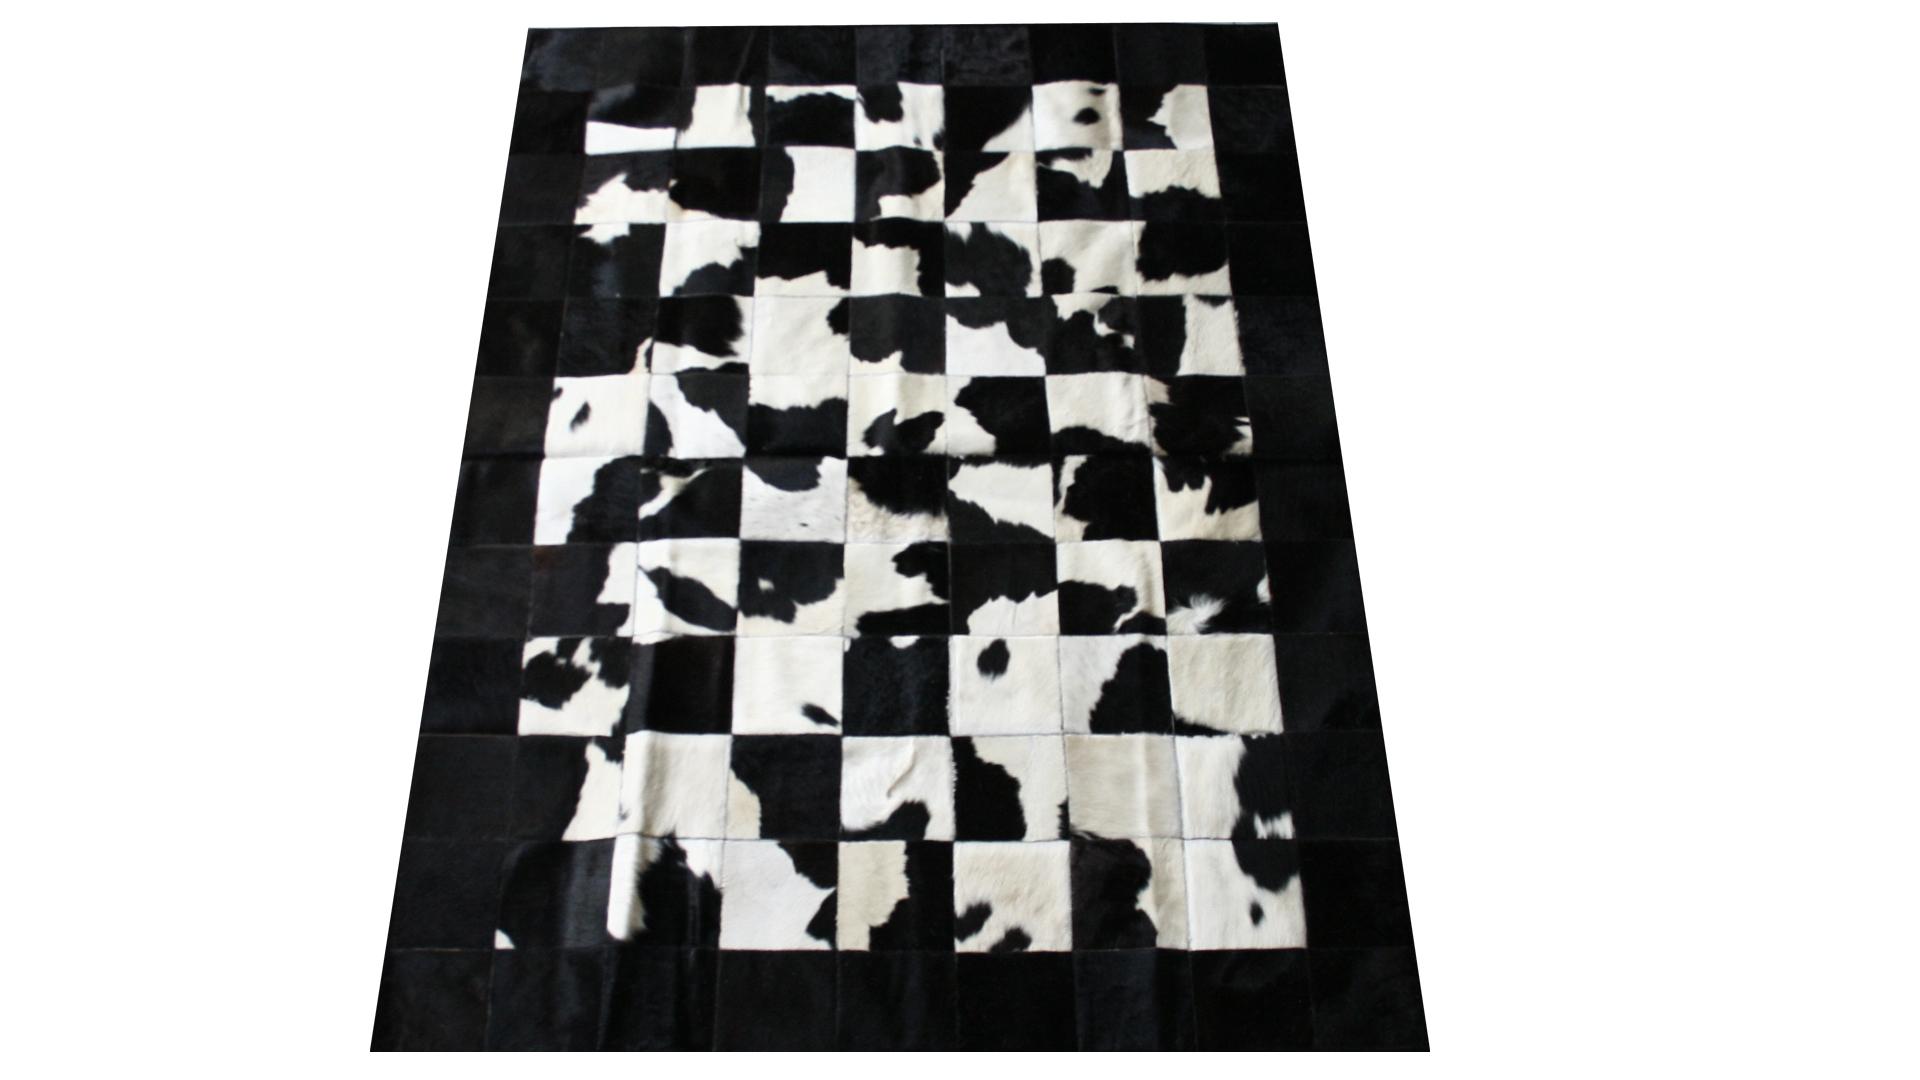 tapis pachwork peau de vache mobiliermoss noir banche lola le blog mobilier moss. Black Bedroom Furniture Sets. Home Design Ideas